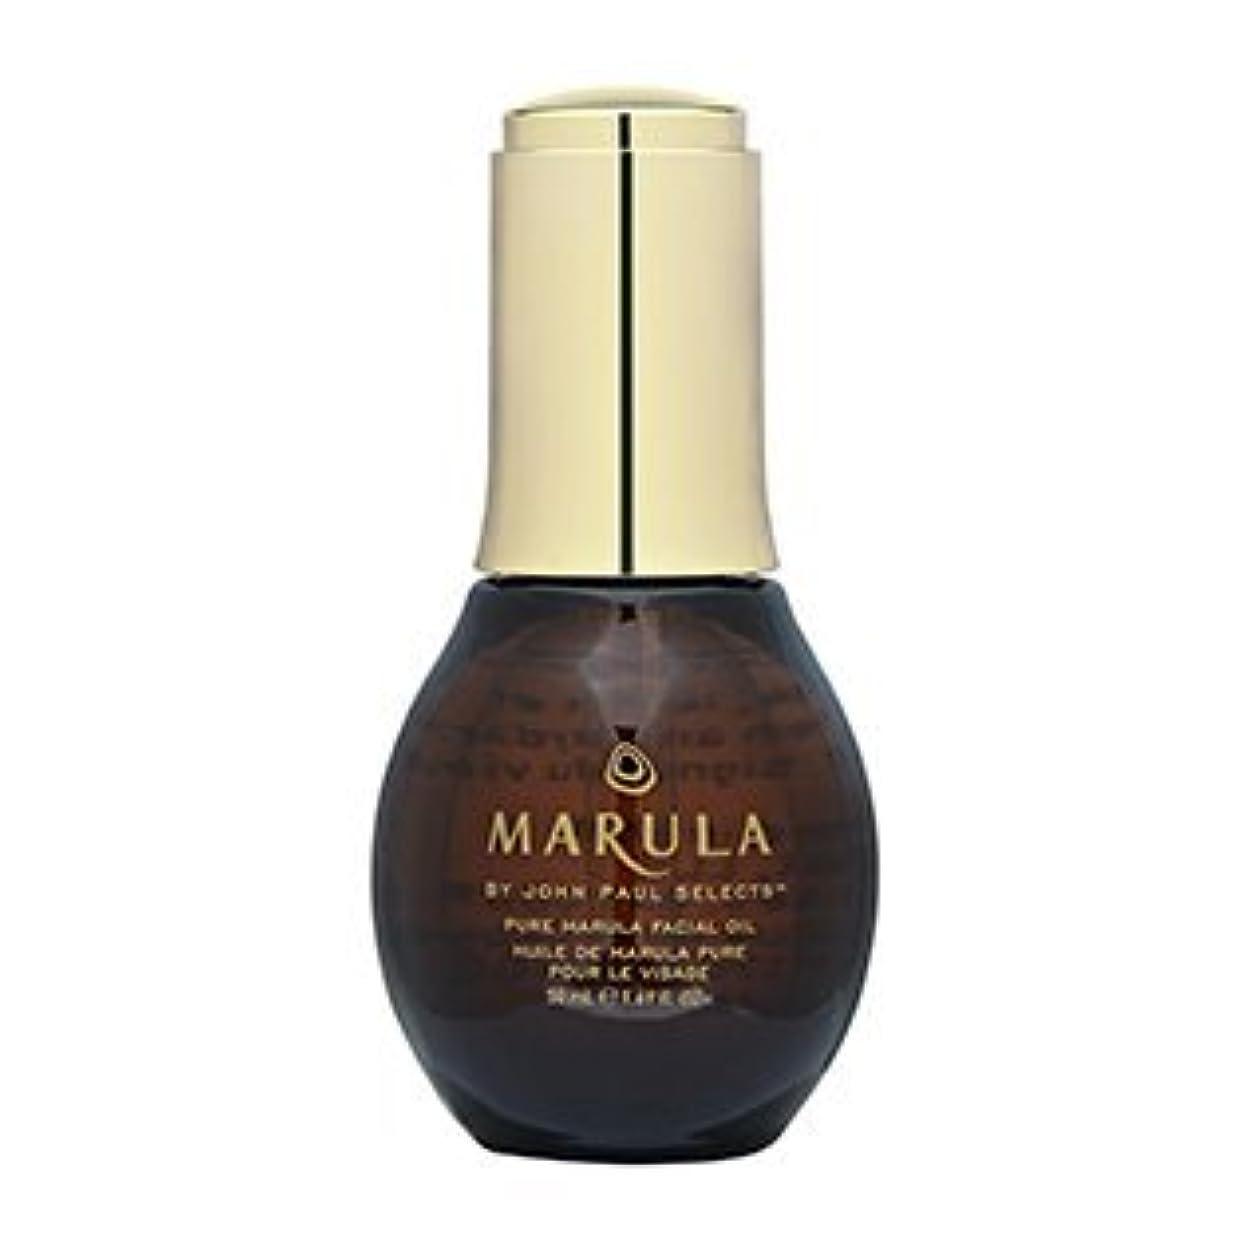 絶滅コメント降雨マルーラ(Marula) マルーラオイル 50ml ビッグサイズ[並行輸入品]